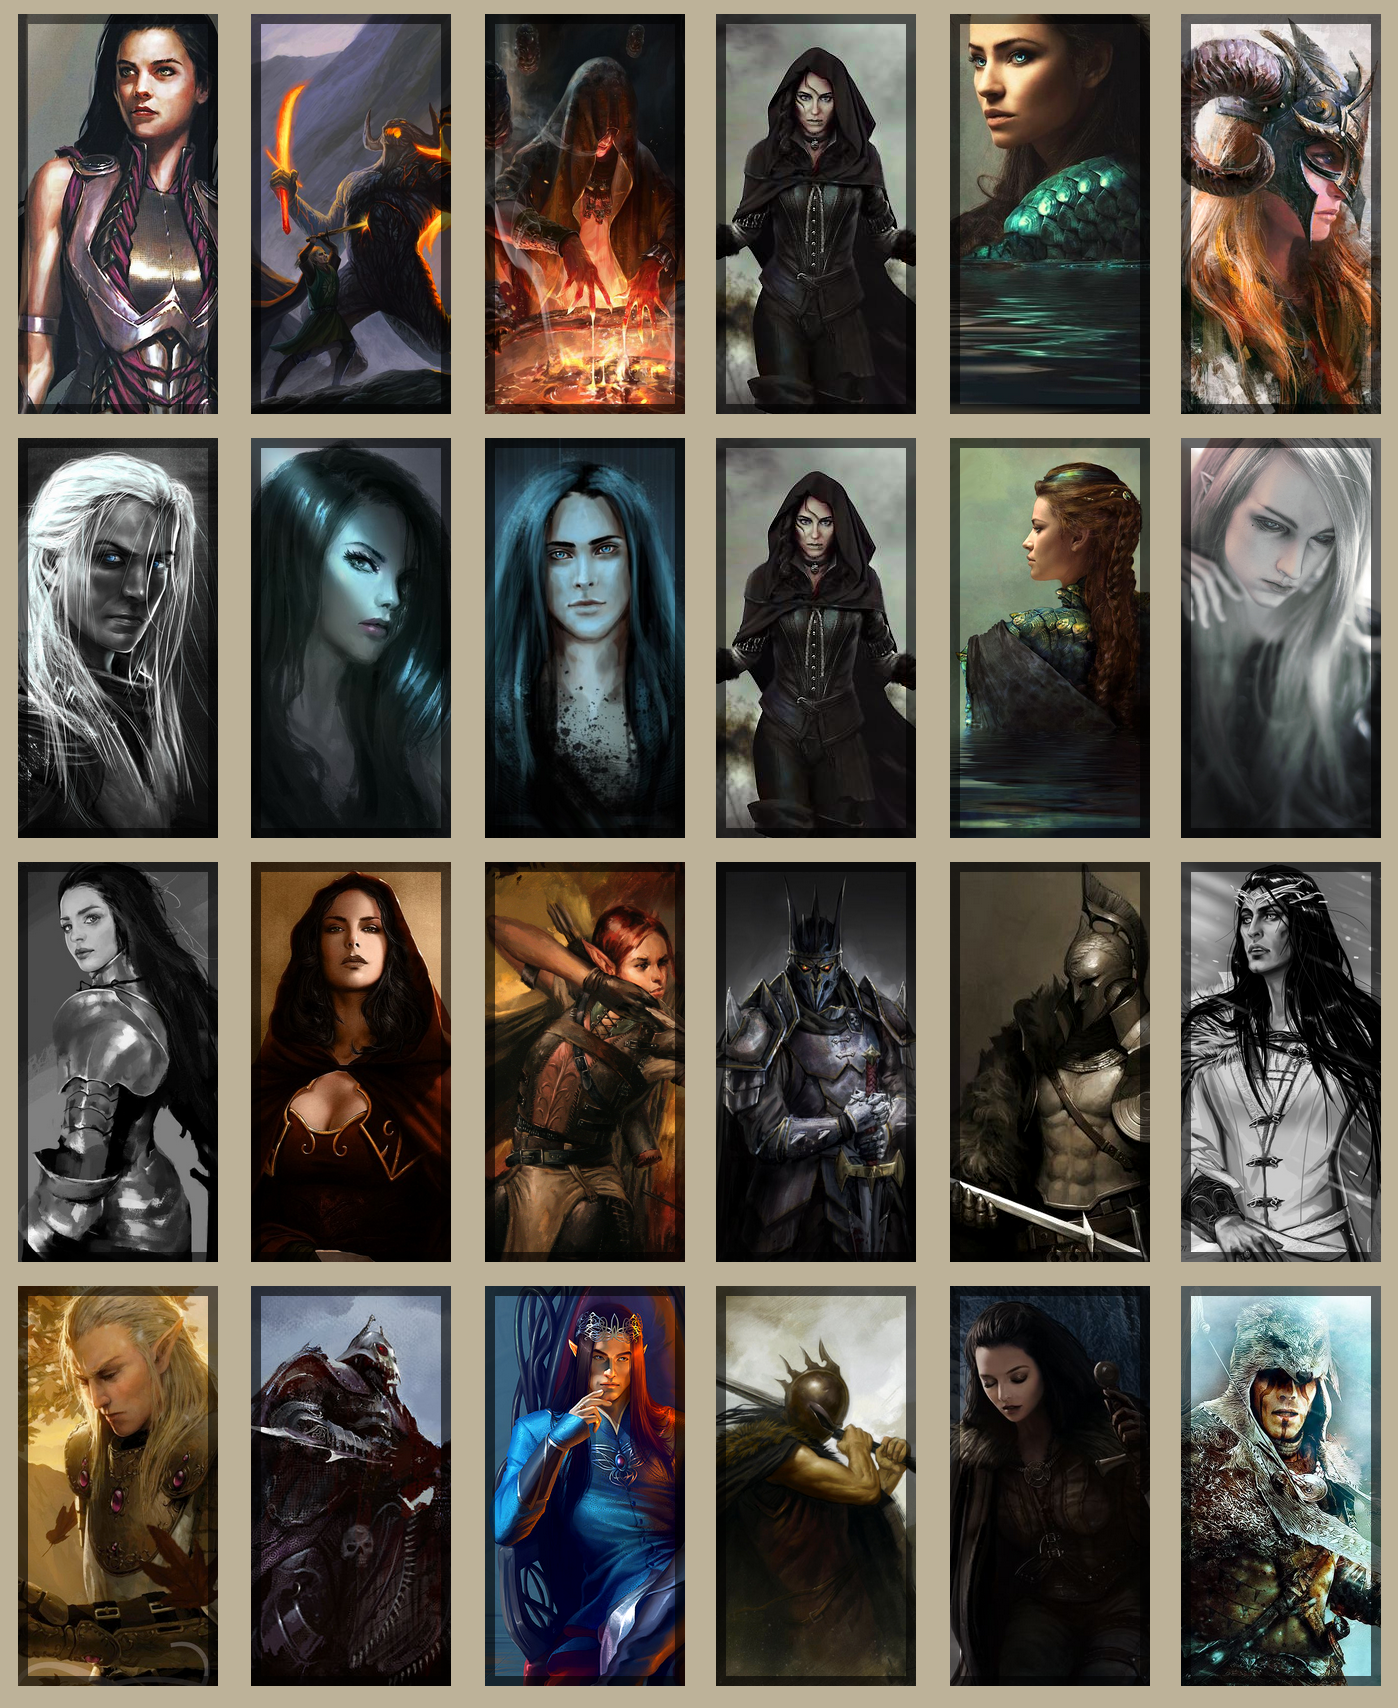 Galerie d'avatars - Inspiration et idées de personnage 210014avatars